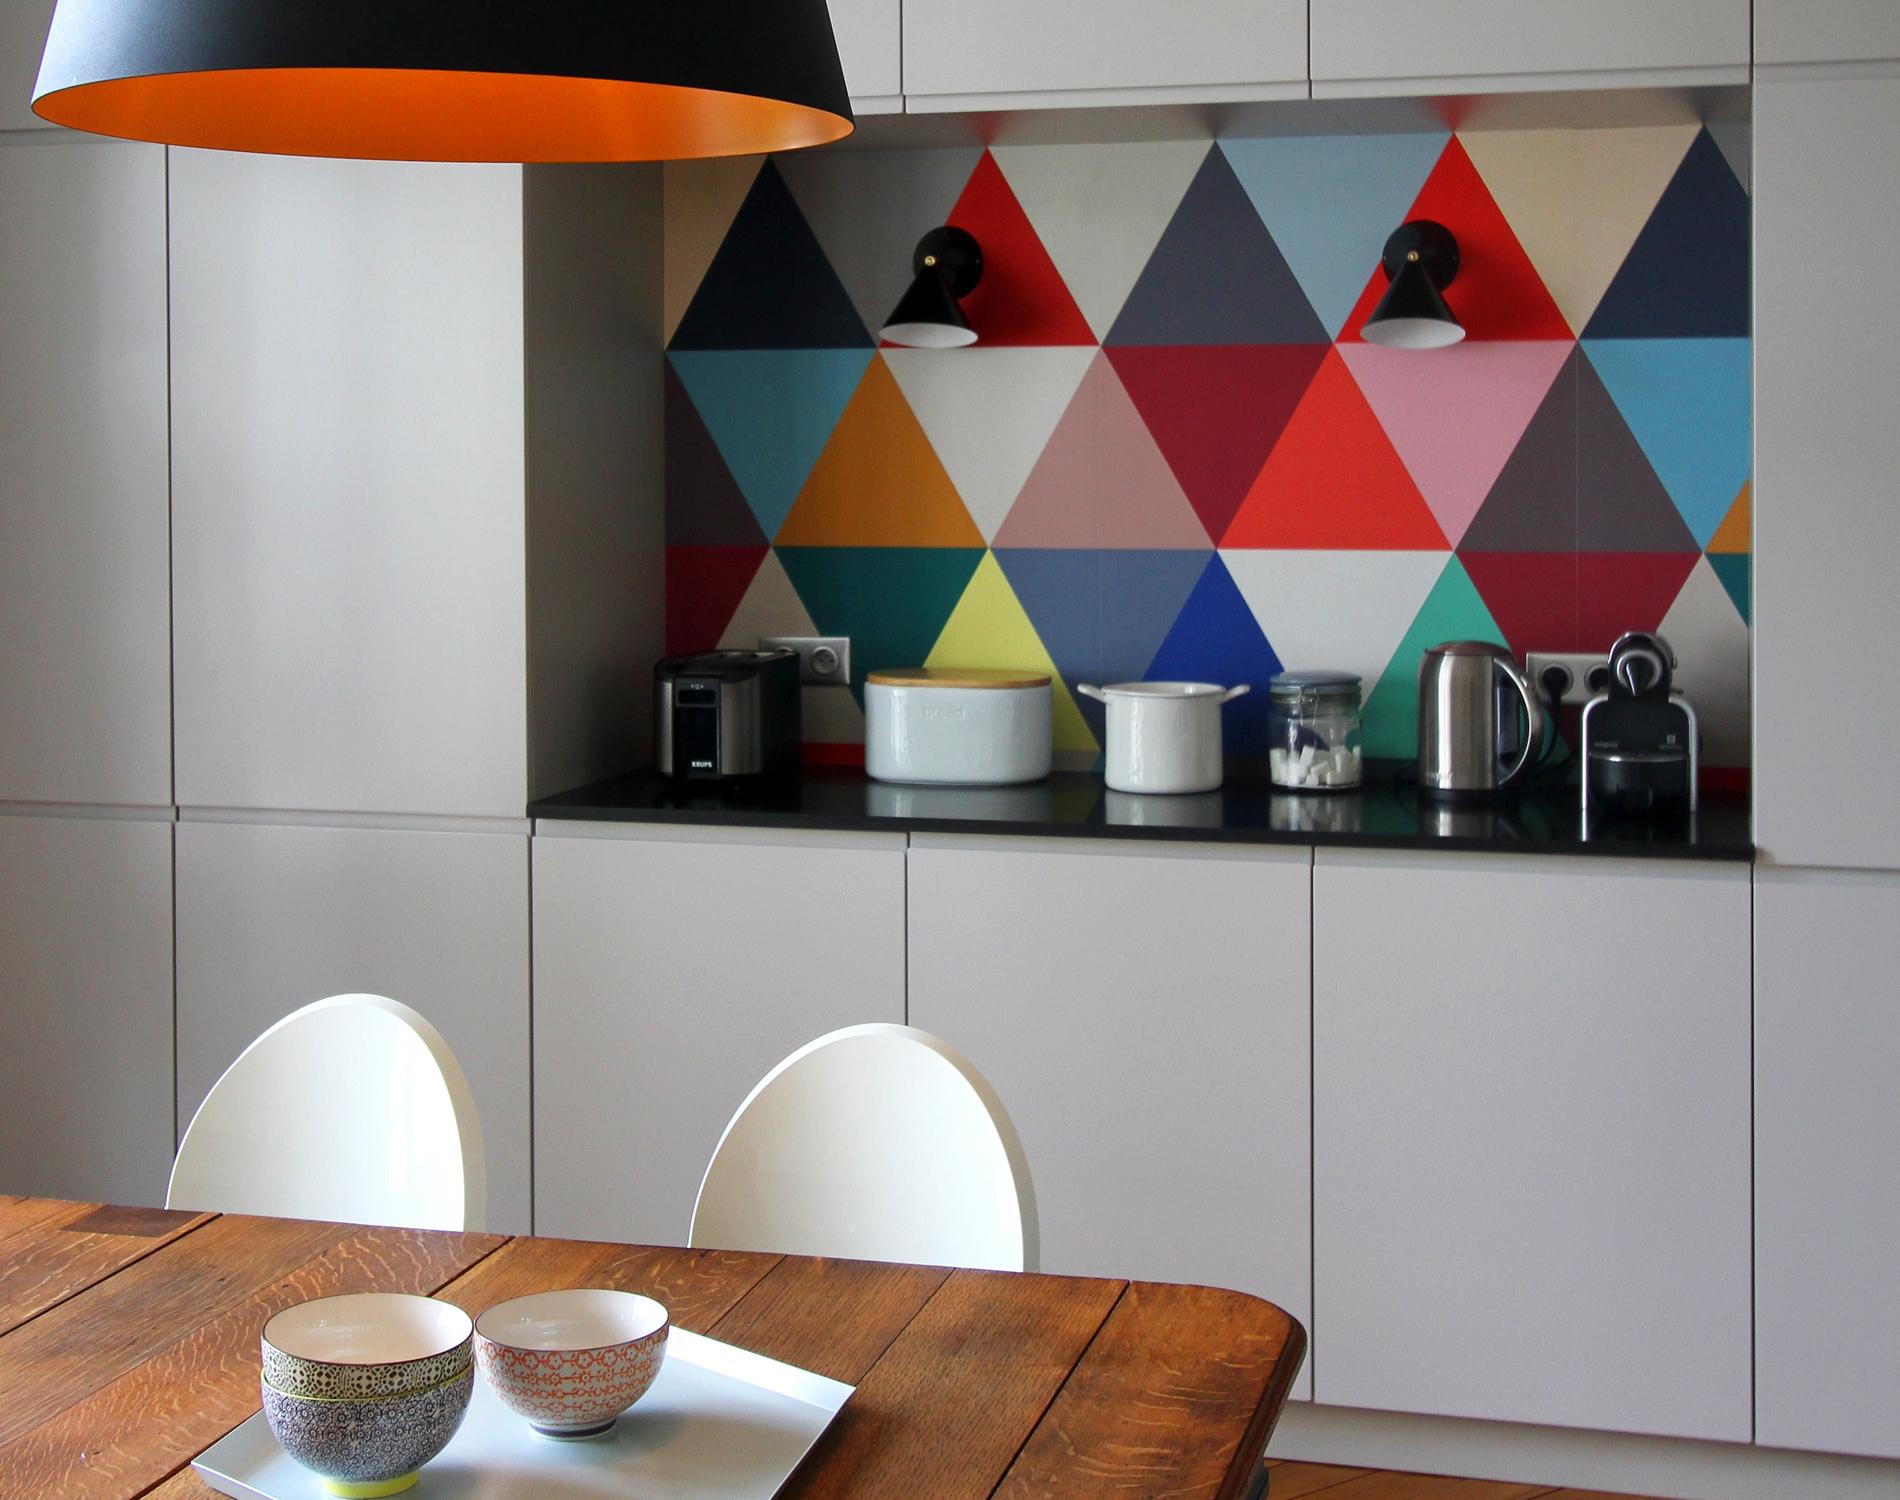 Comment Proteger Un Mur Peint faut-il oser le papier peint en cuisine ? - madame figaro